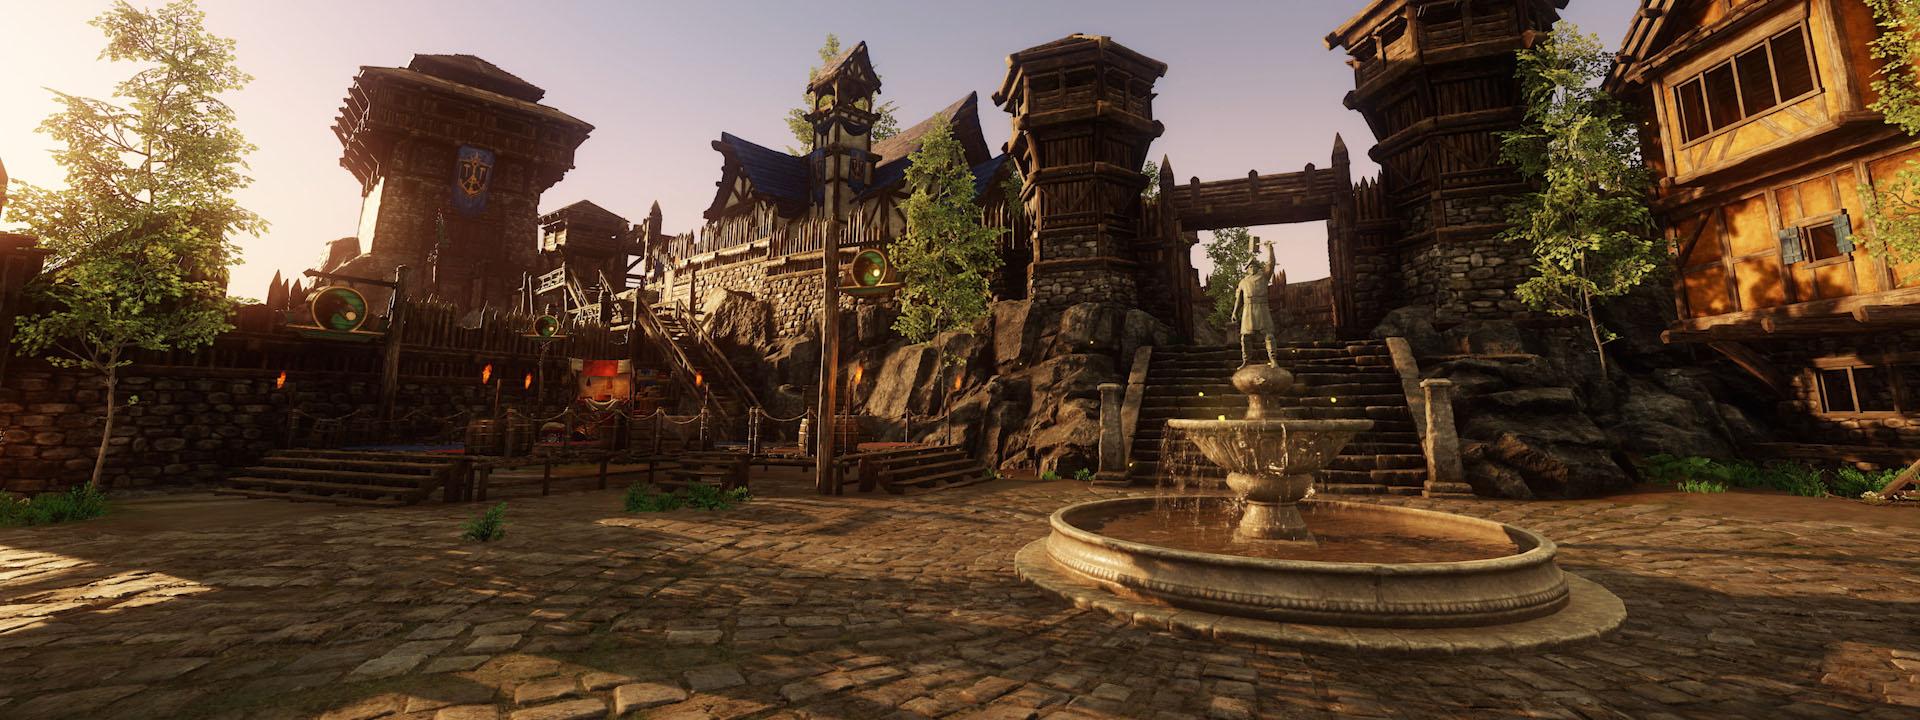 Ein Screenshot zeigt den neu gestalteten Stadtplatz für Monarch's Bluffs mit mehreren hohen Türmen, einem offenen Innenhof und einem dekorativen Brunnen.